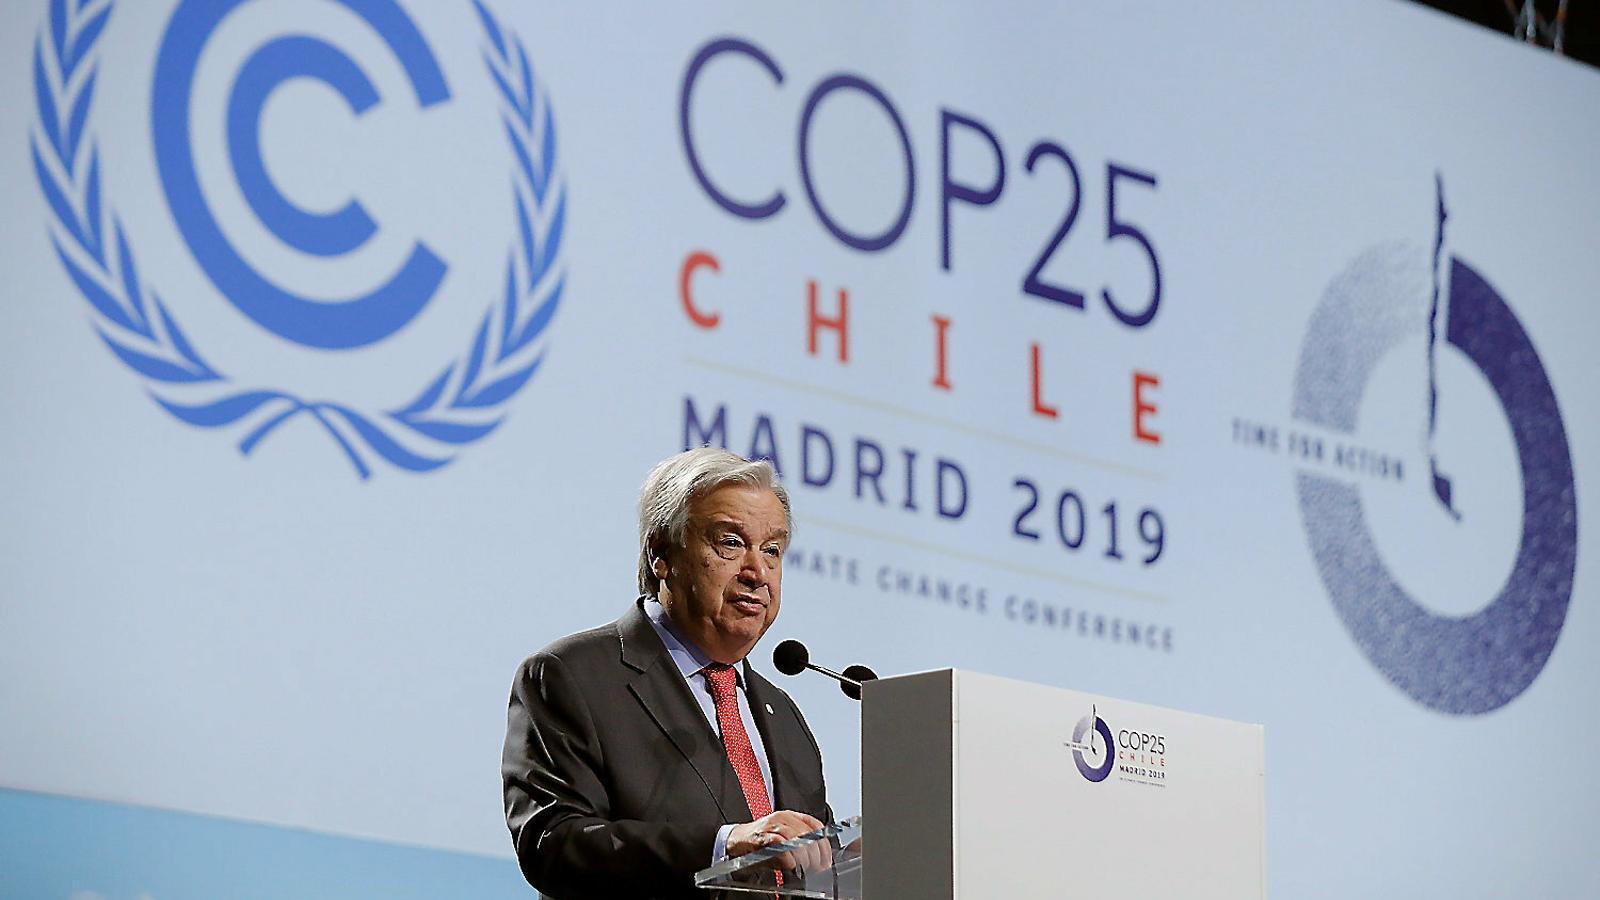 01. El president espanyol, Pedro Sánchez, i la líder demòcrata Nancy Pelosi durant la COP25 a Madrid. 02. El secretari general de l'ONU, António Guterres, en la inauguració.